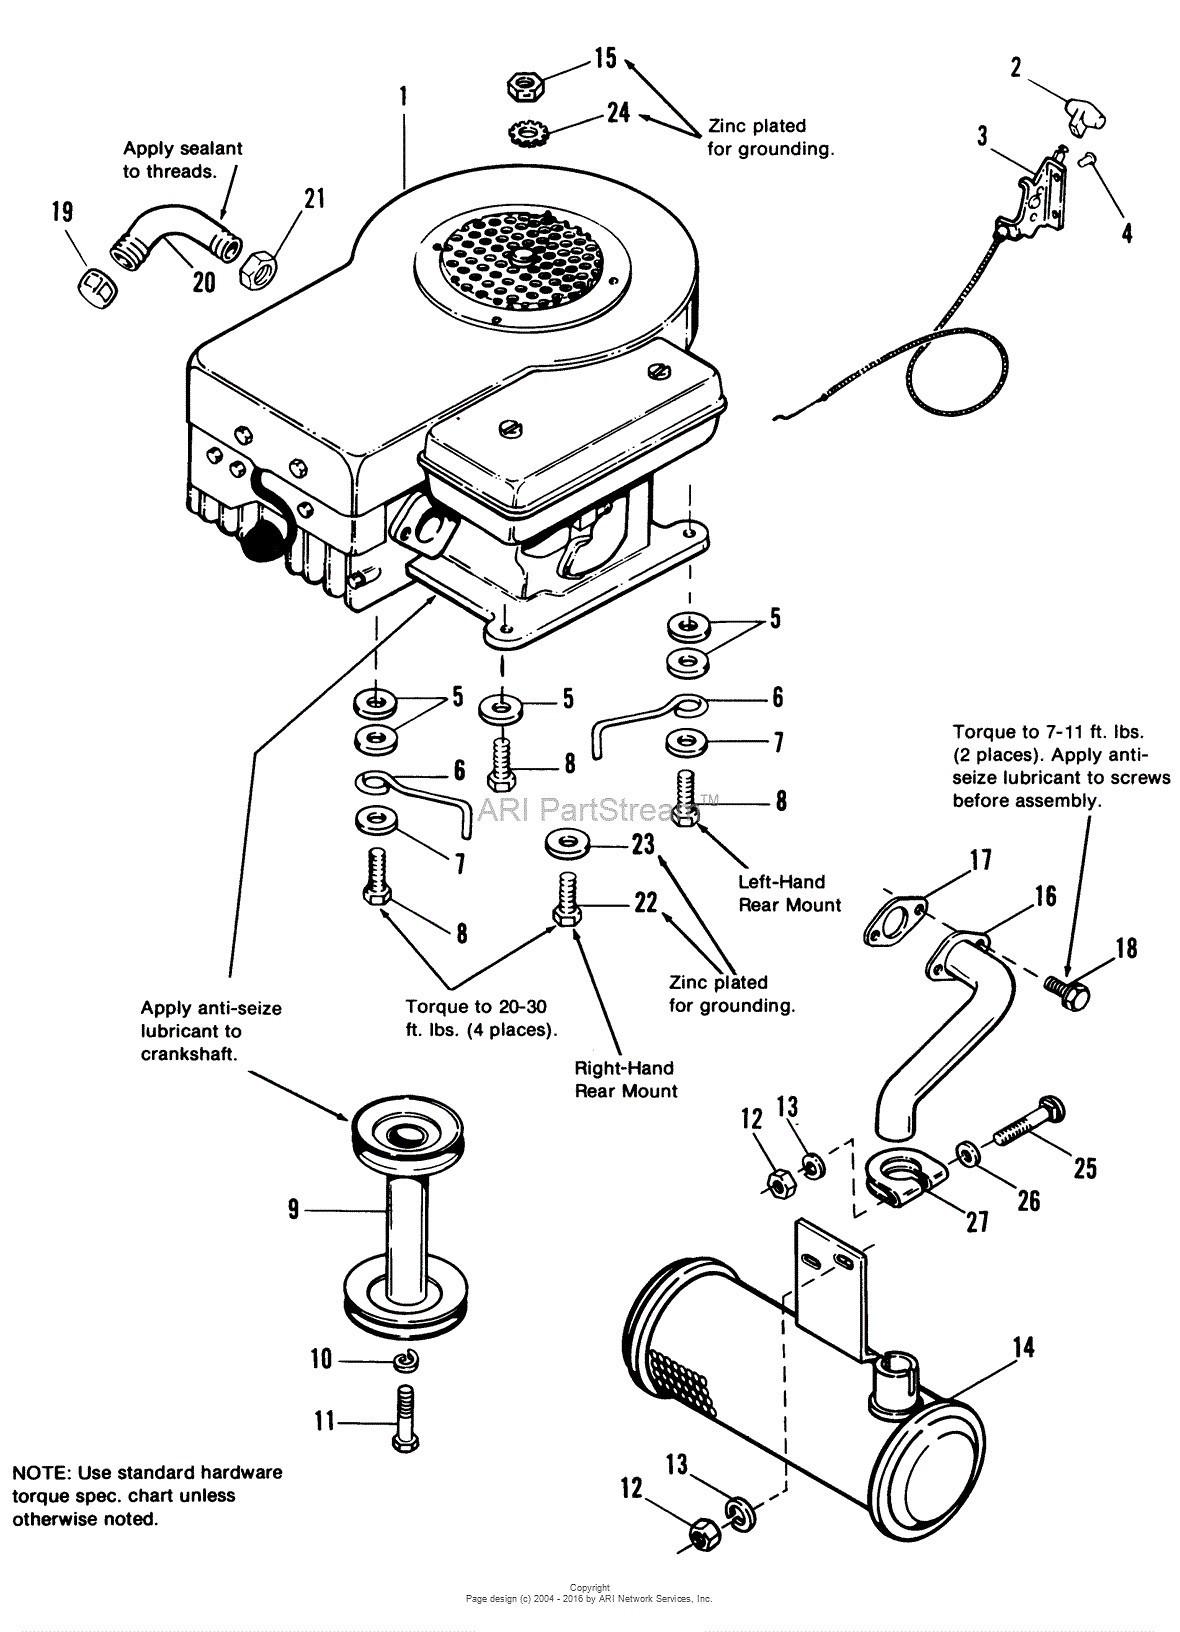 25 Hp Kohler Engine Parts Diagram Colorful Kohler Parts